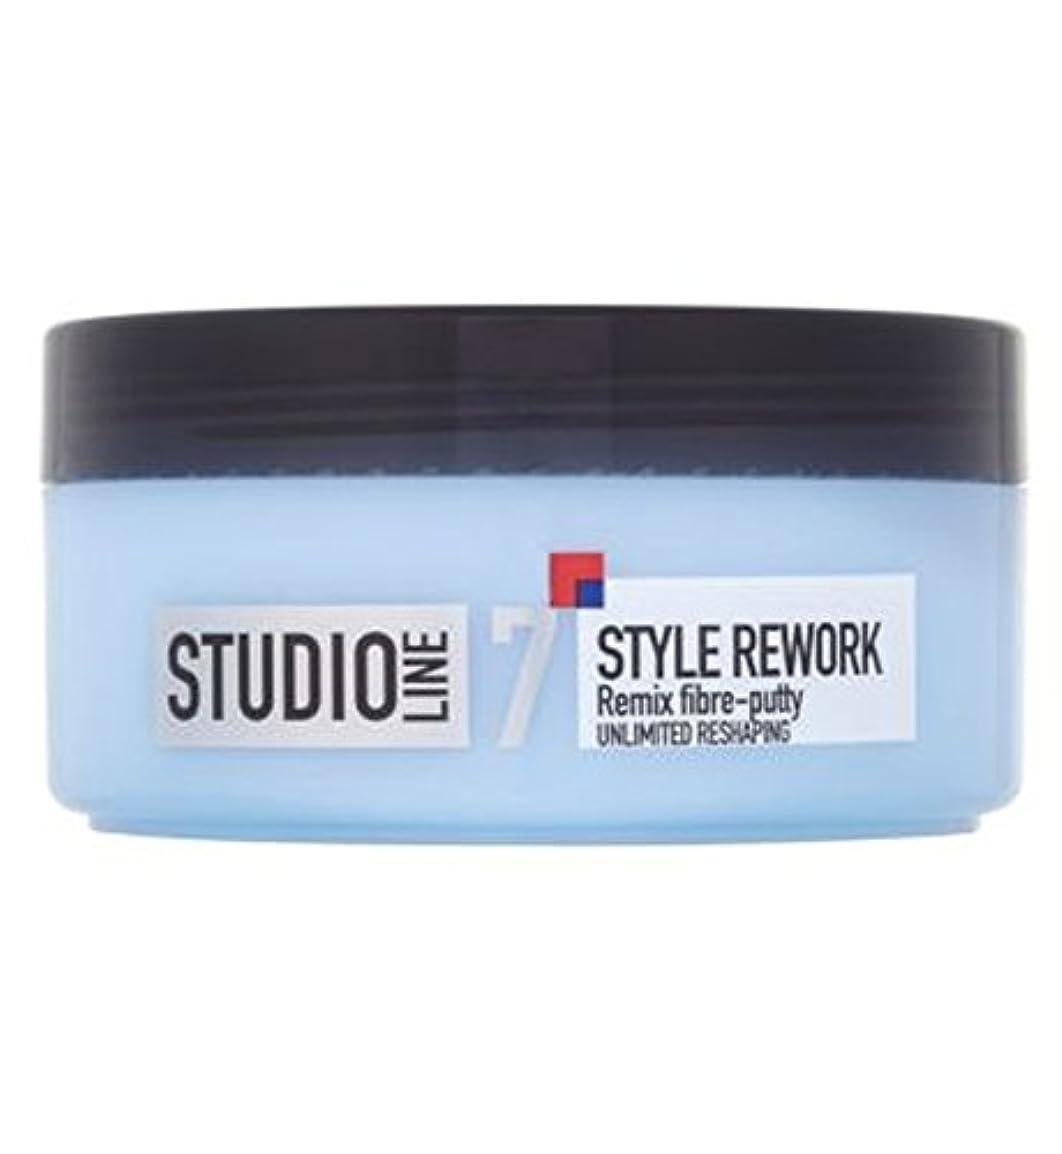 バッフル悔い改めバッフルL'Oreallスタジオラインスタイルリワークリミックス繊維パテ150ミリリットル (L'Oreal) (x2) - L'Oreall Studio Line Style Rework Remix Fibre-Putty...